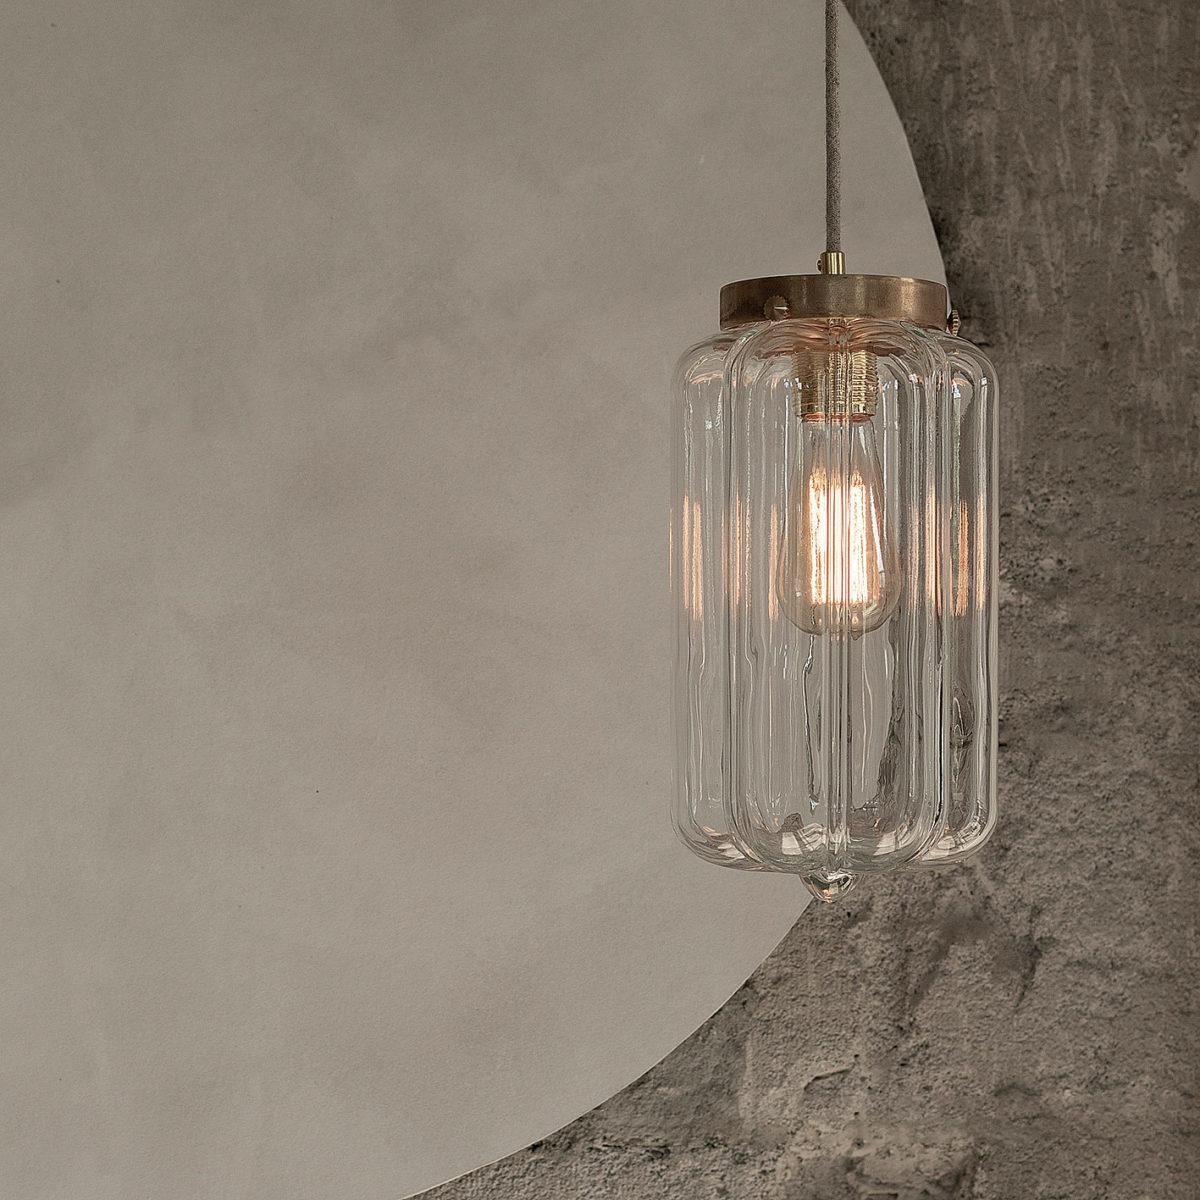 Szklana lampa wisząca Deco przezroczyste z mosiężnym deklem